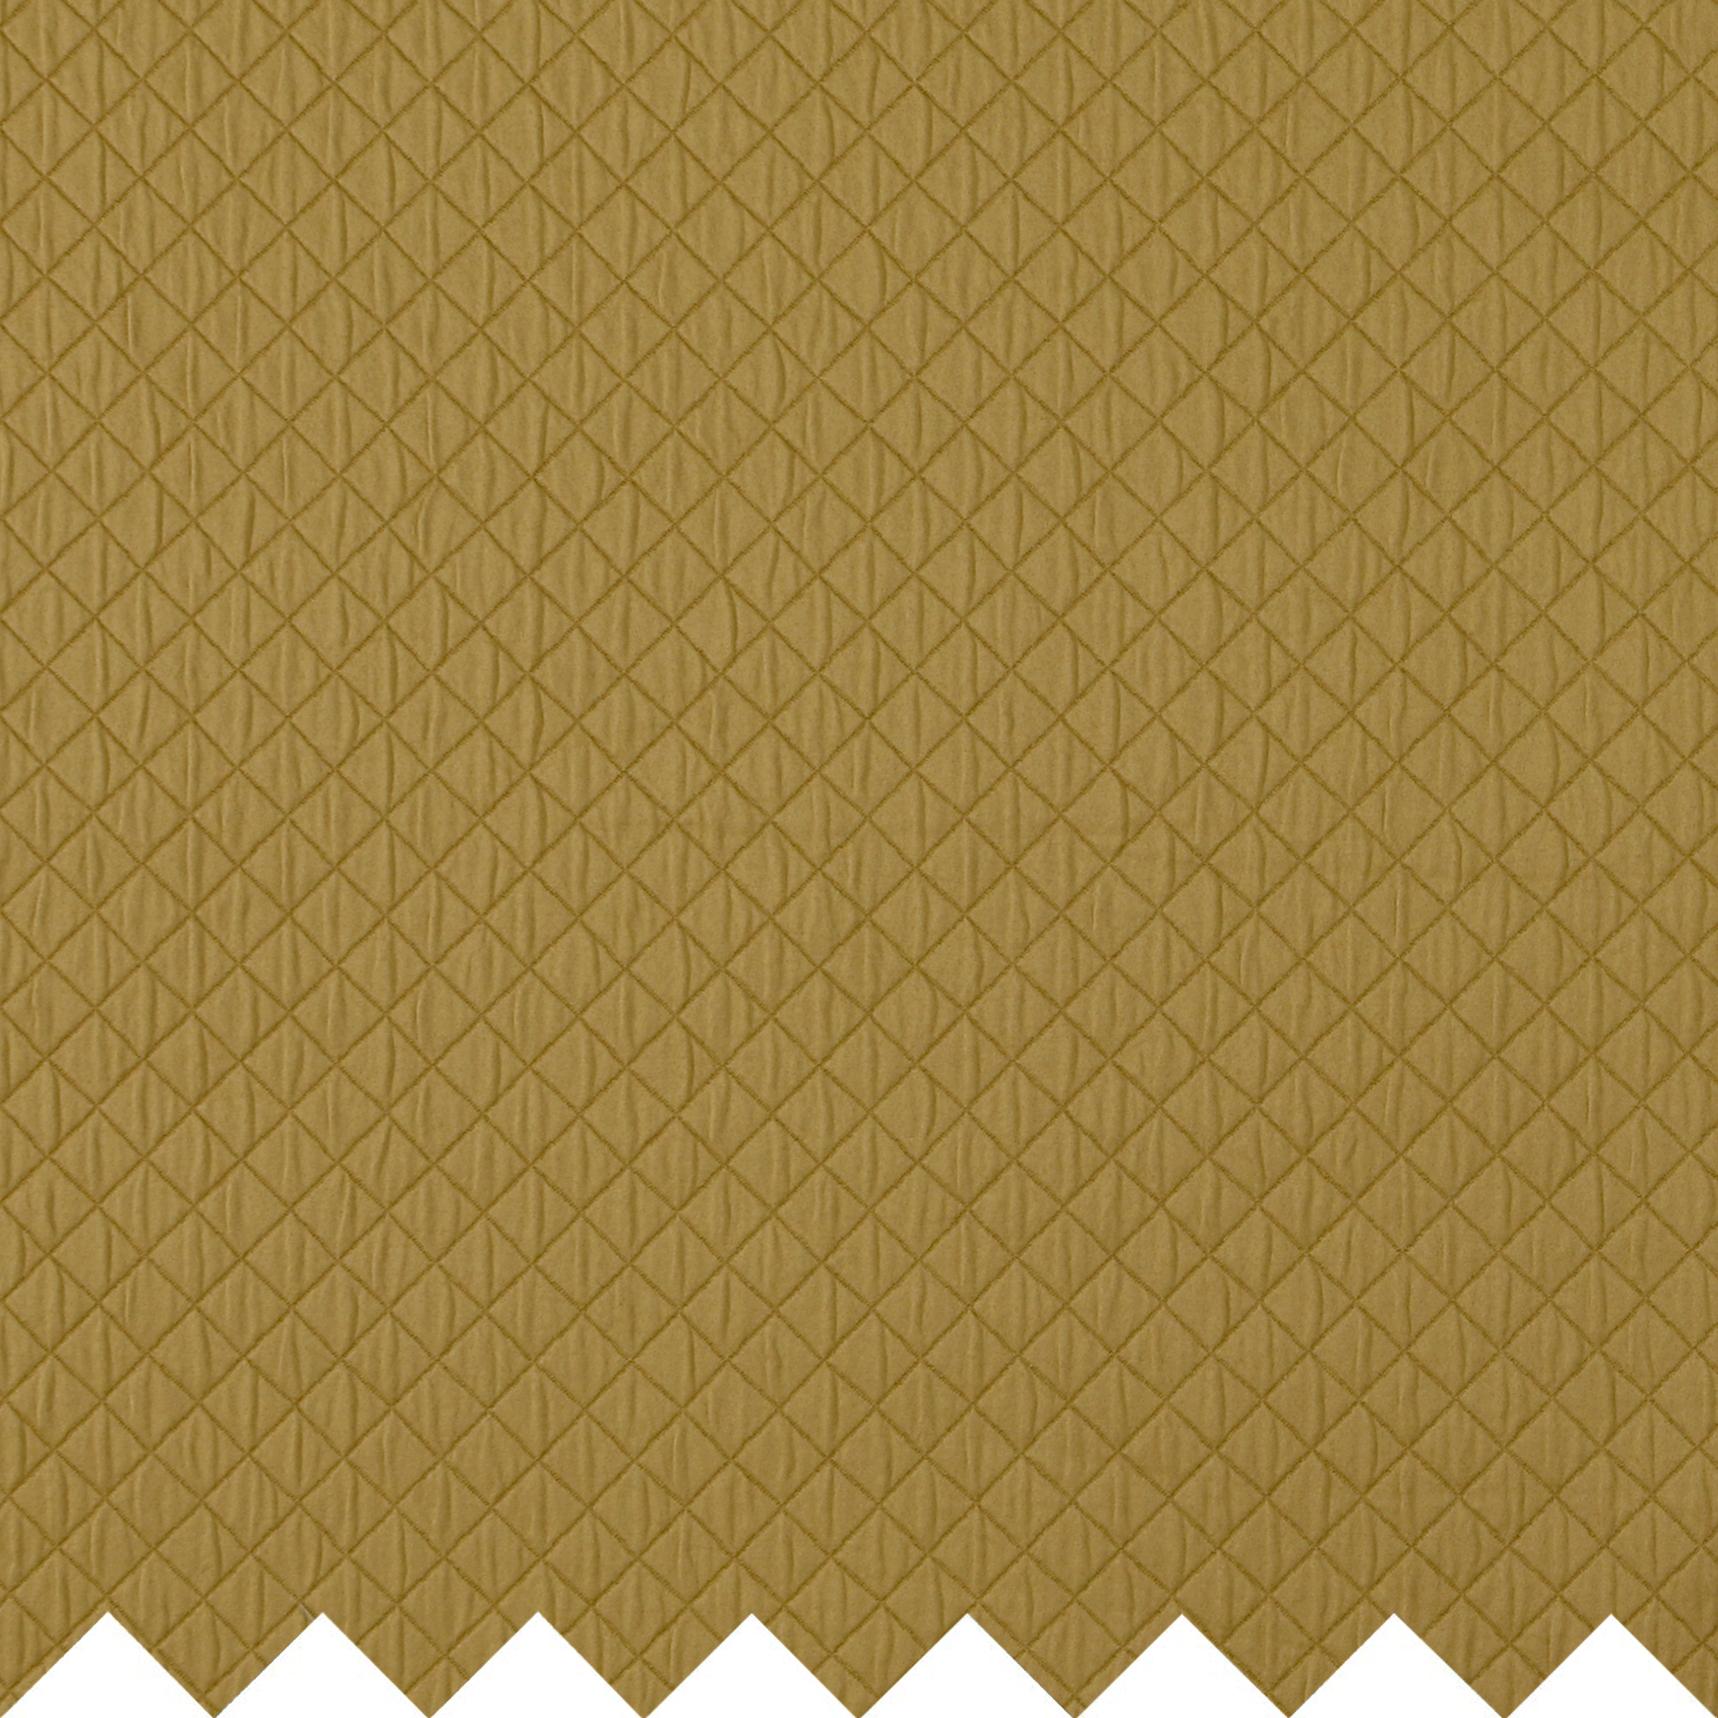 milo-golden-swatch.jpg